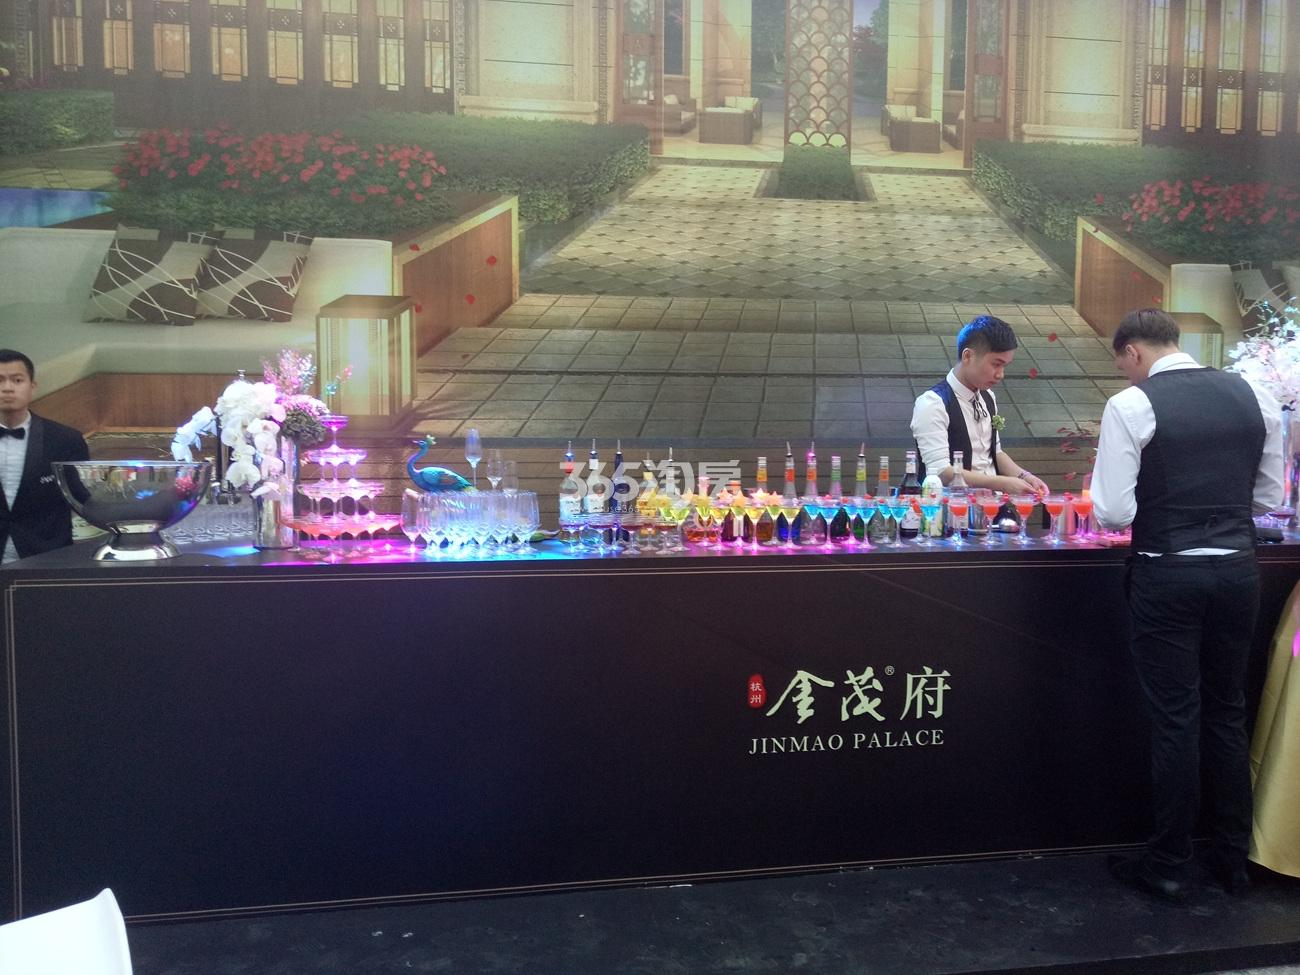 2017.4.15首开杭州金茂府示范区开放